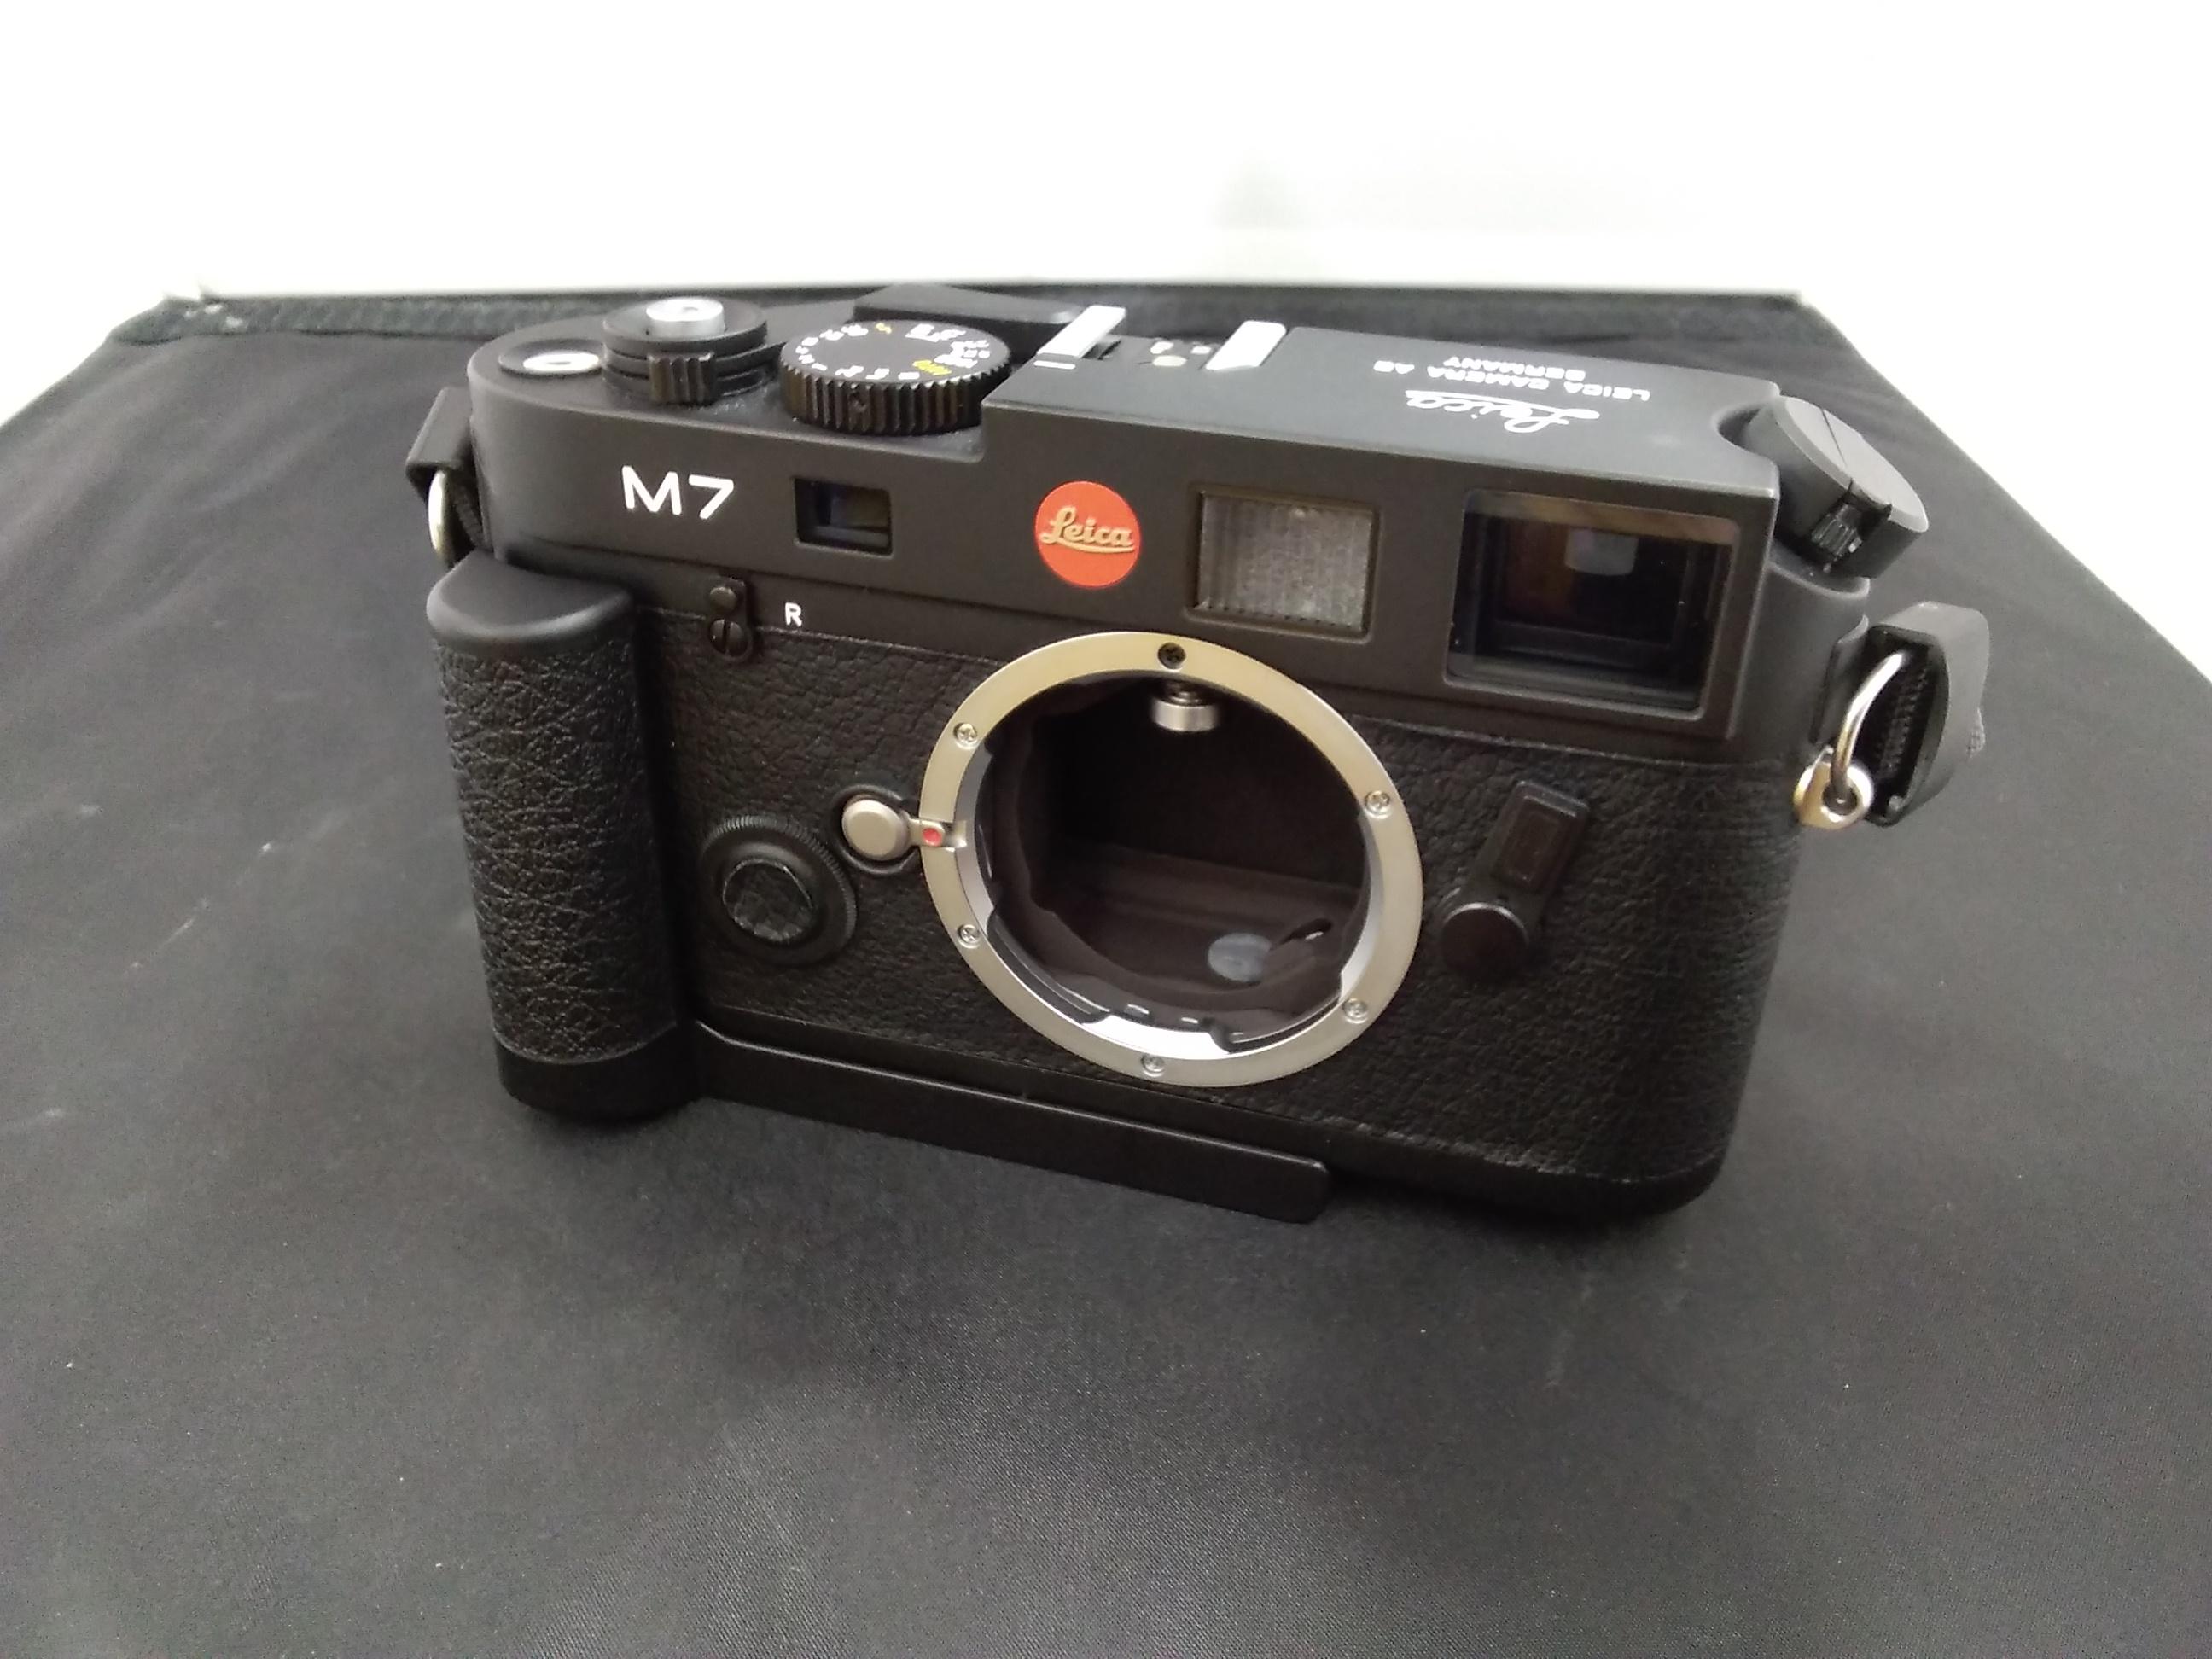 レンジファインダーカメラ|LEICA